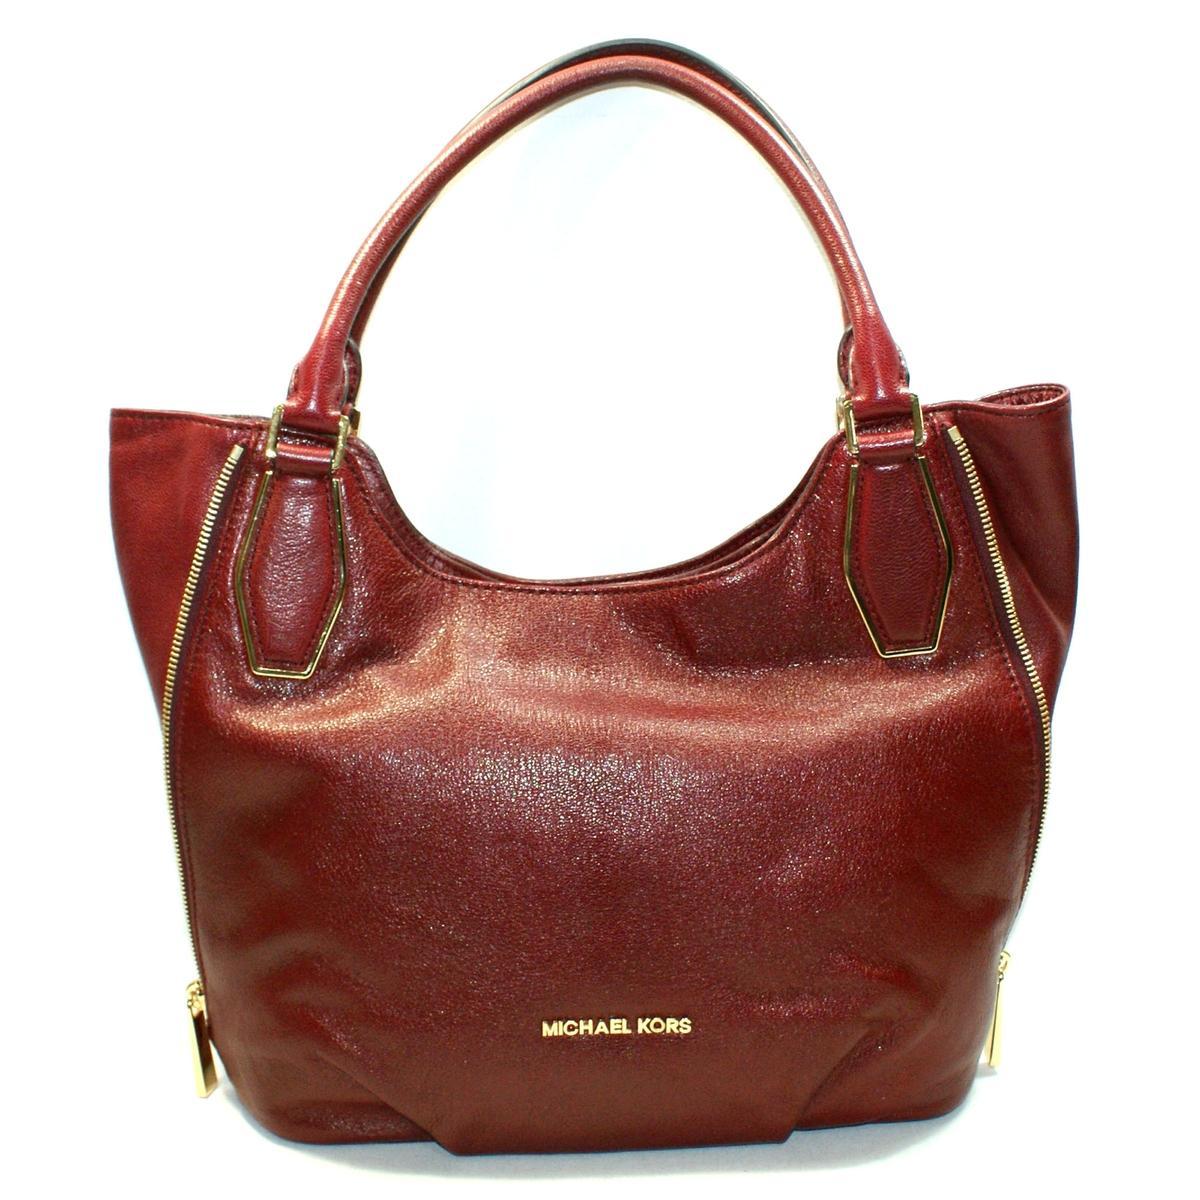 f182f00317f28 Michael Kors Vanessa Medium Shoulder Leather Tote Bag Claret ...